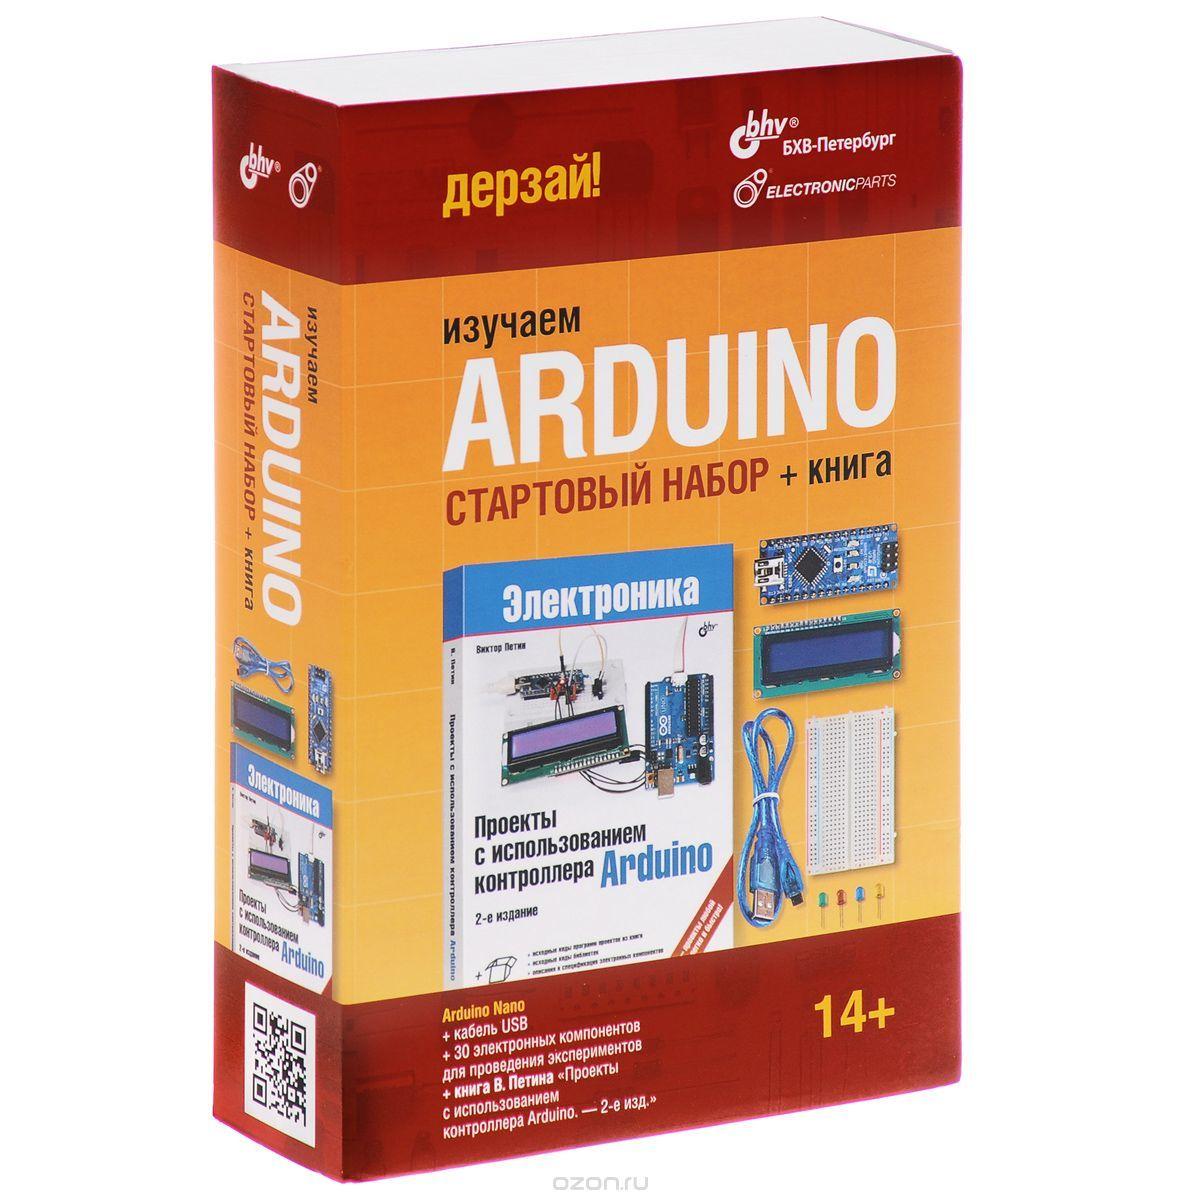 Изучаем Arduino. Стартовый набор+книга - Электронные конструкторы